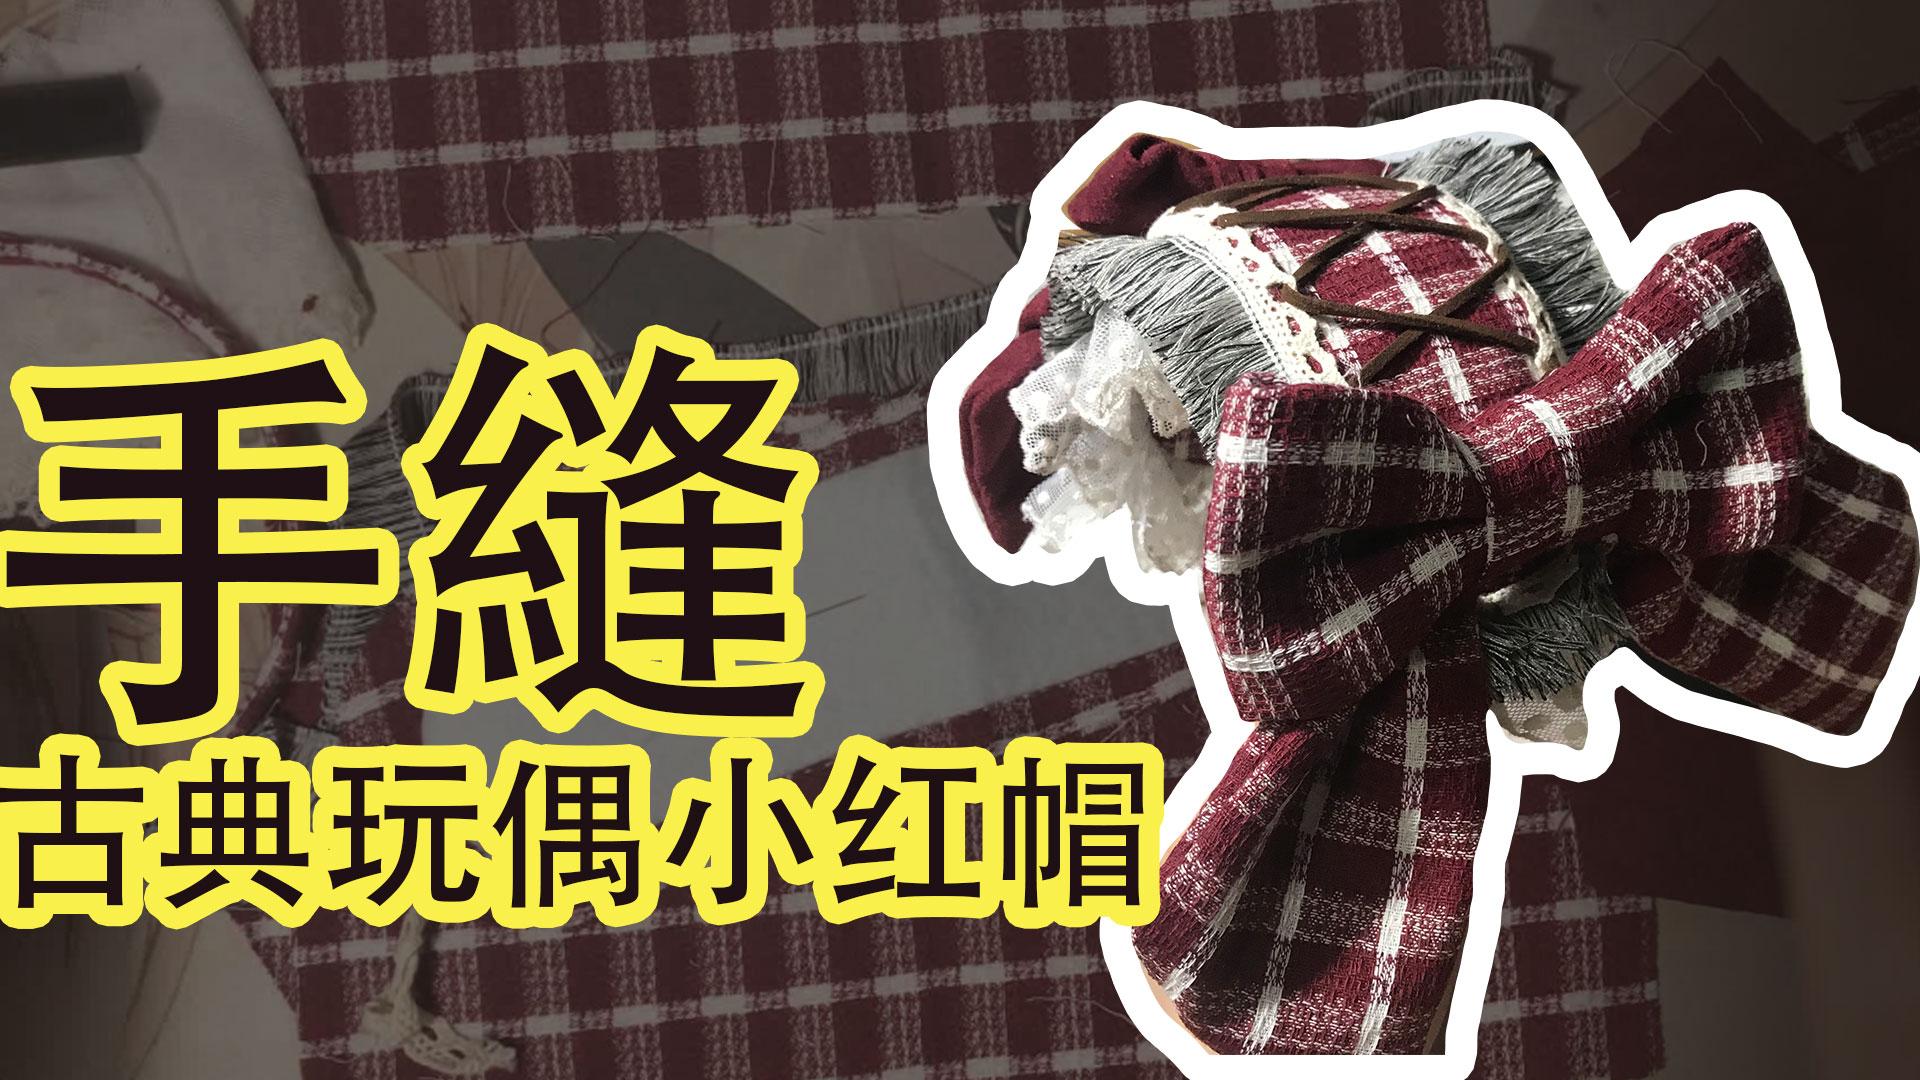 【kk教你做手工】第二期 如何缝制古典玩偶小红帽发带 通用发带制作过程